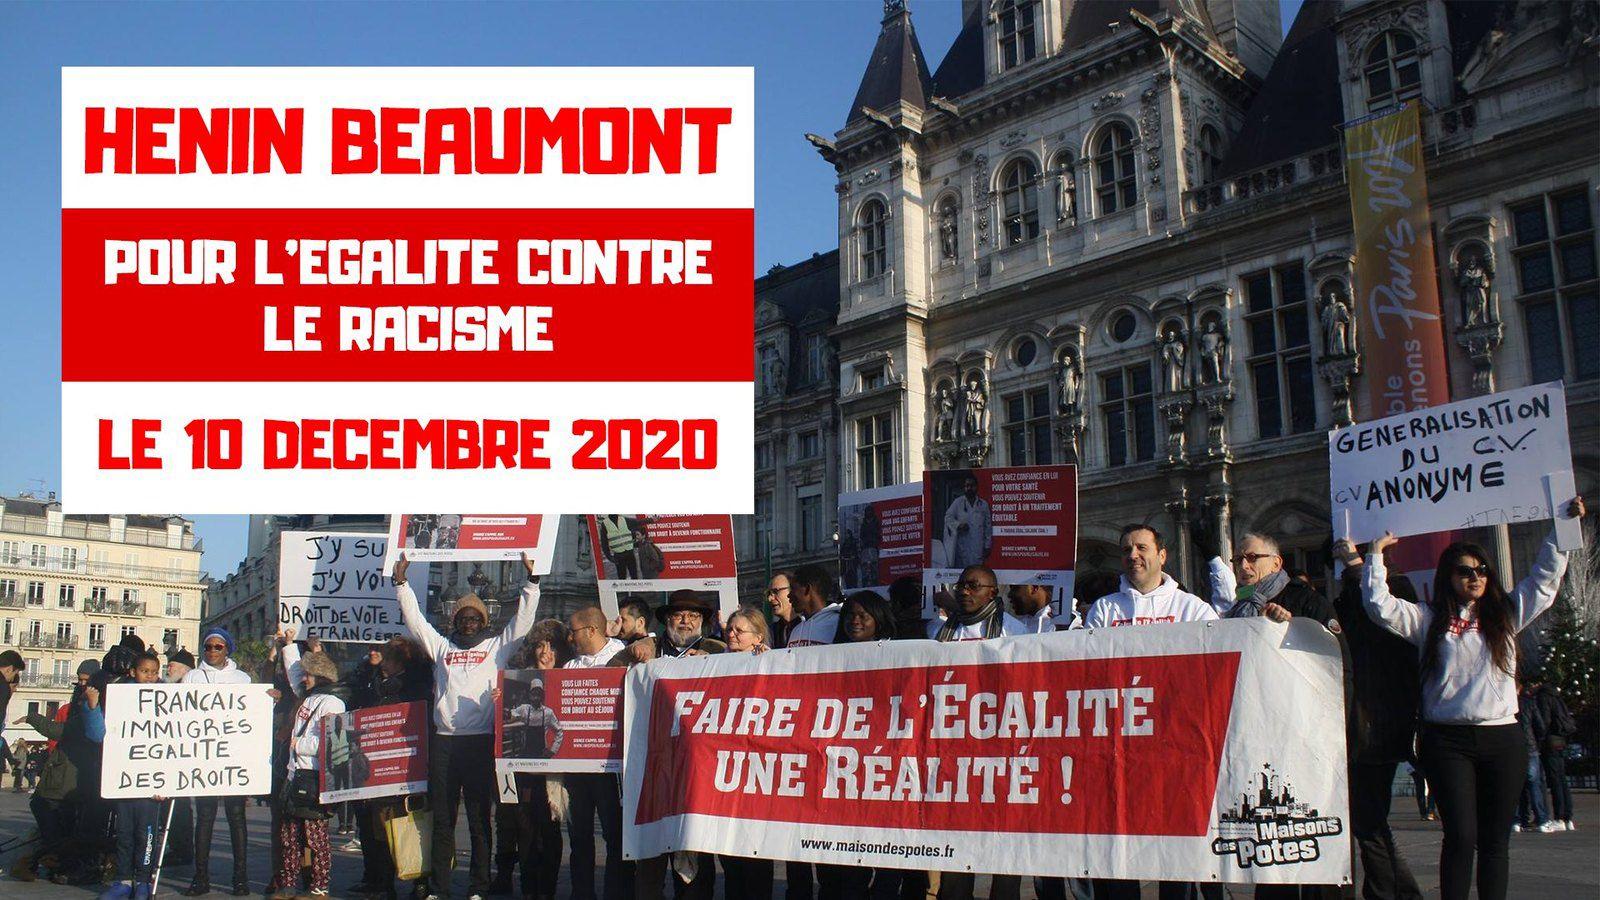 Hénin-Beaumont pour l'égalité contre le racisme